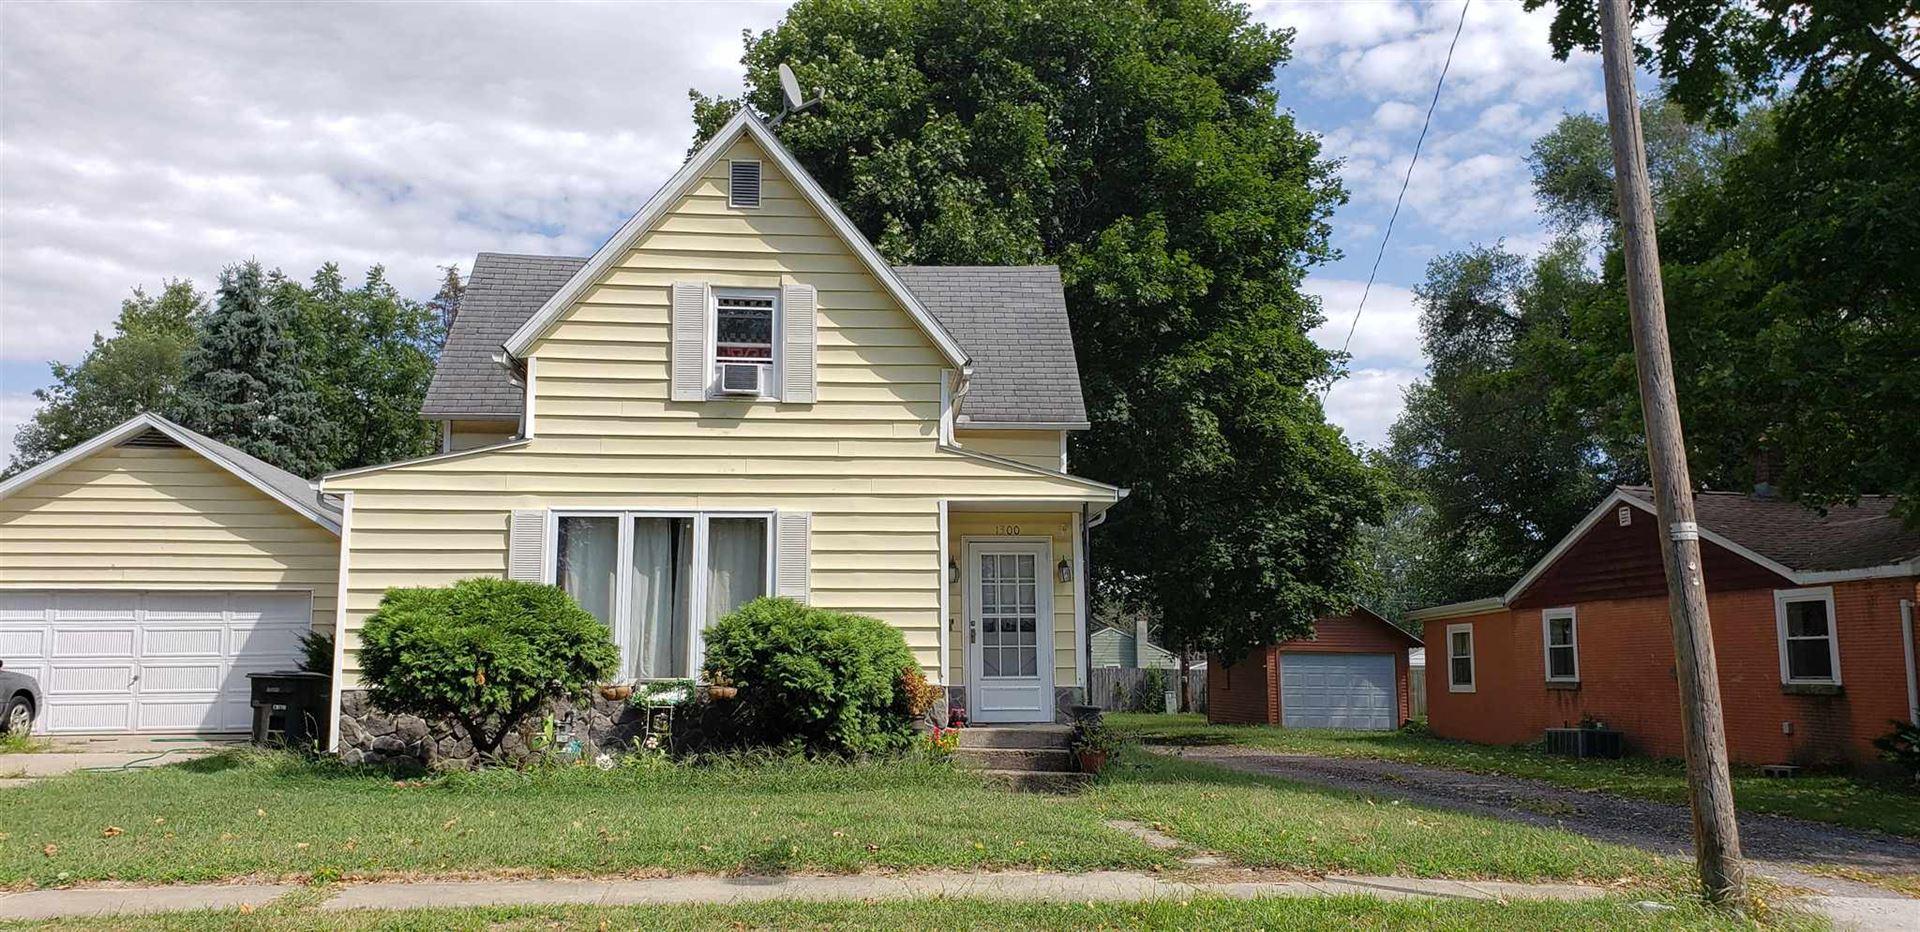 1300 Locust Street, Elkhart, IN 46514 - #: 202035849